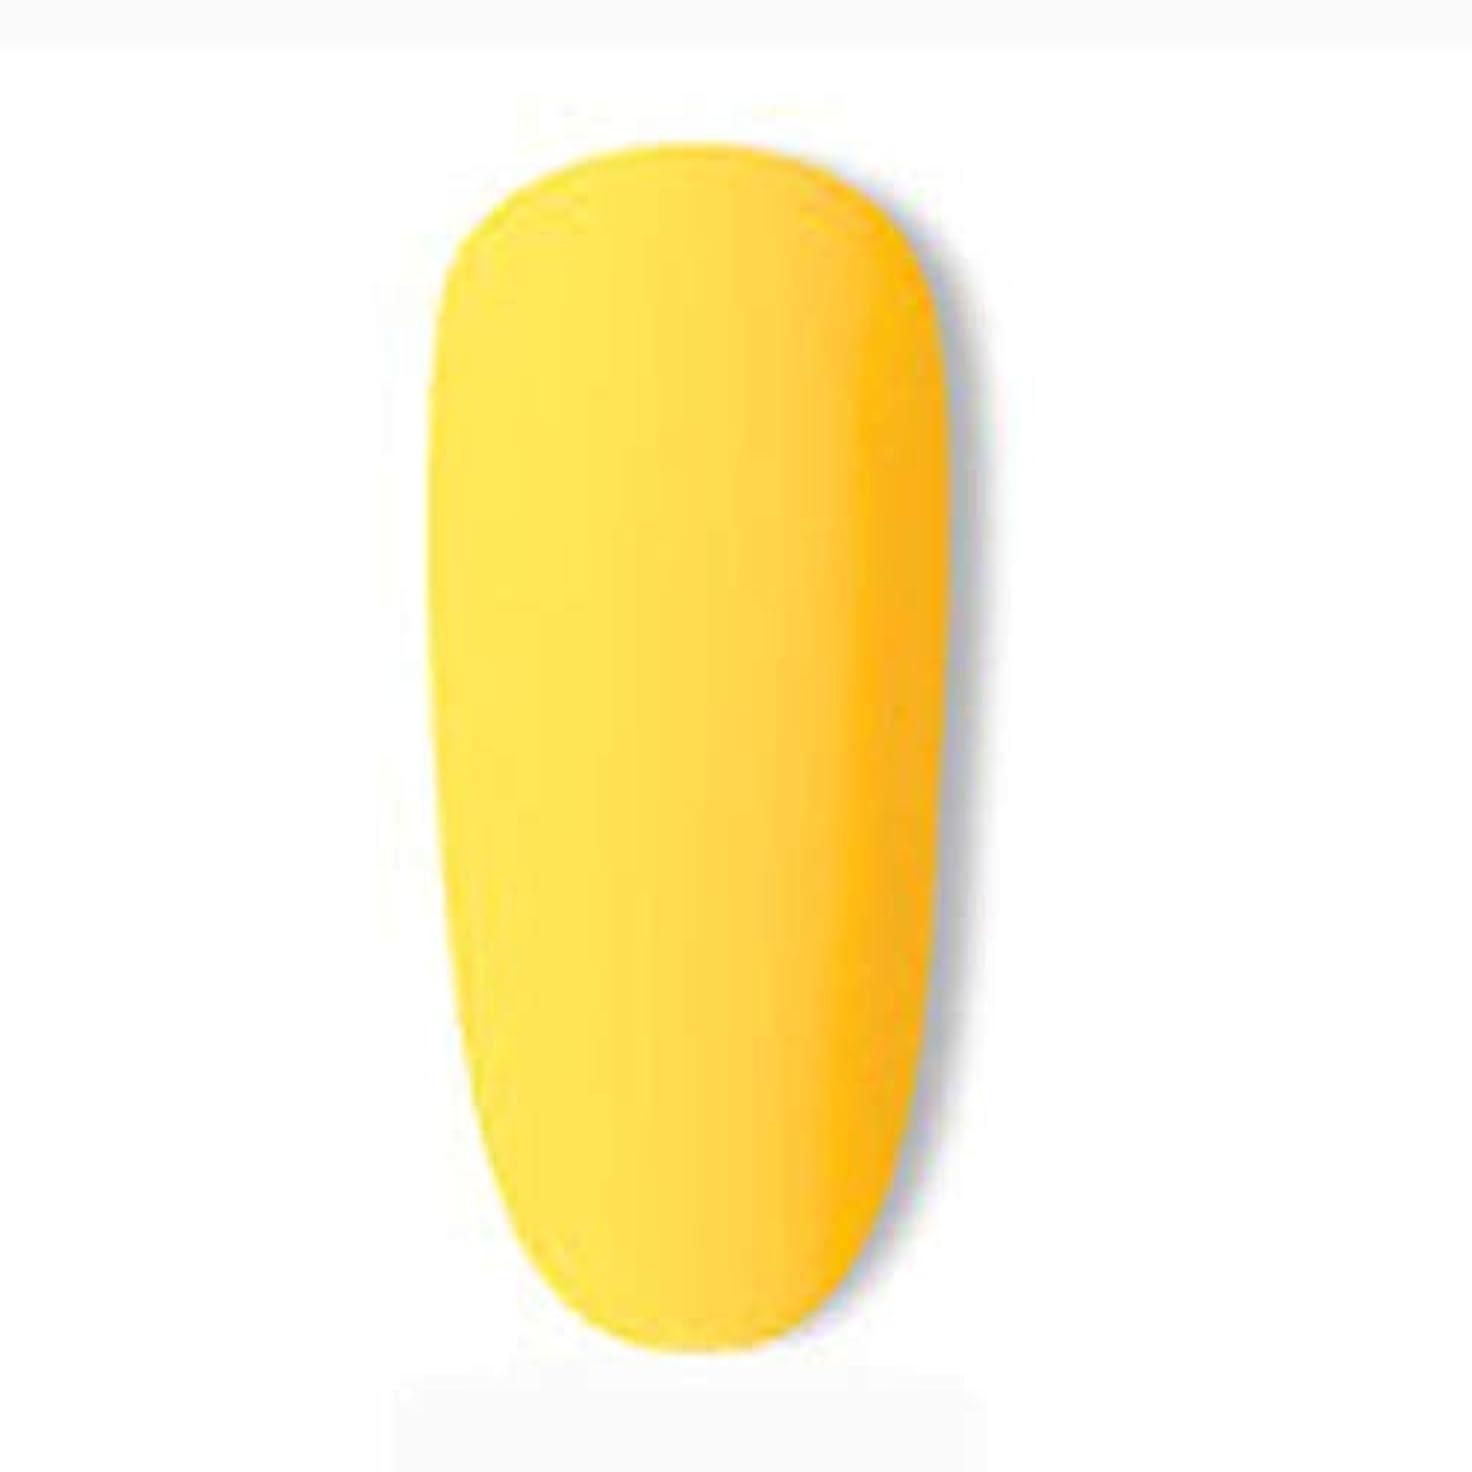 連合レモンプレゼントUrft 女性のための有機水ベースのマニキュアセットクイックドライ水ベースのマニキュアLEDランプ治療高光沢ミラー効果